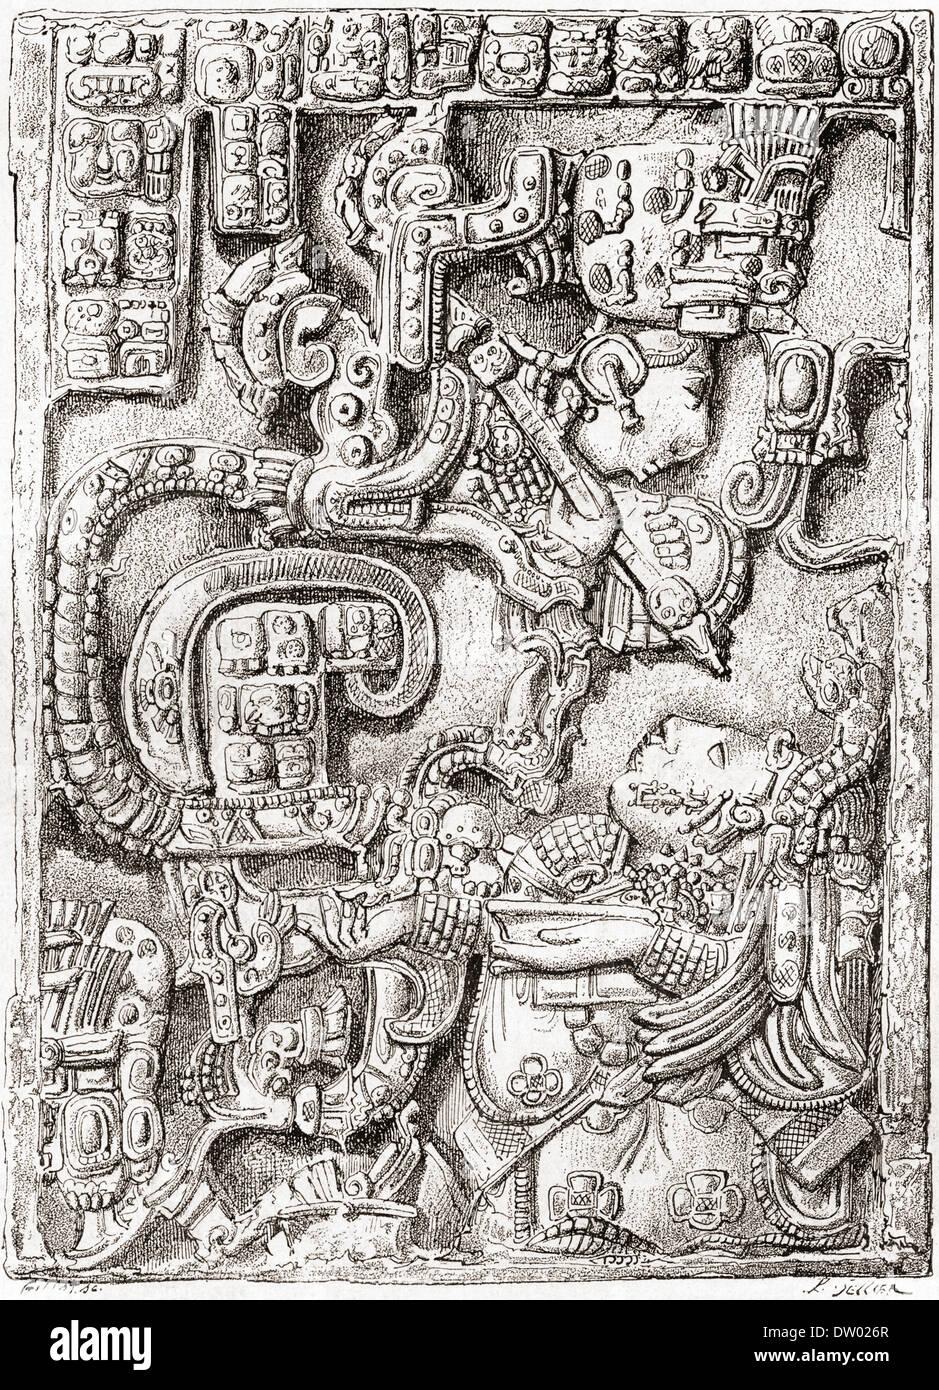 Dintel 25 de Yaxchilán 23 Estructura de la antigua ciudad maya de Yaxchilán, Chiapas, México. Foto de stock